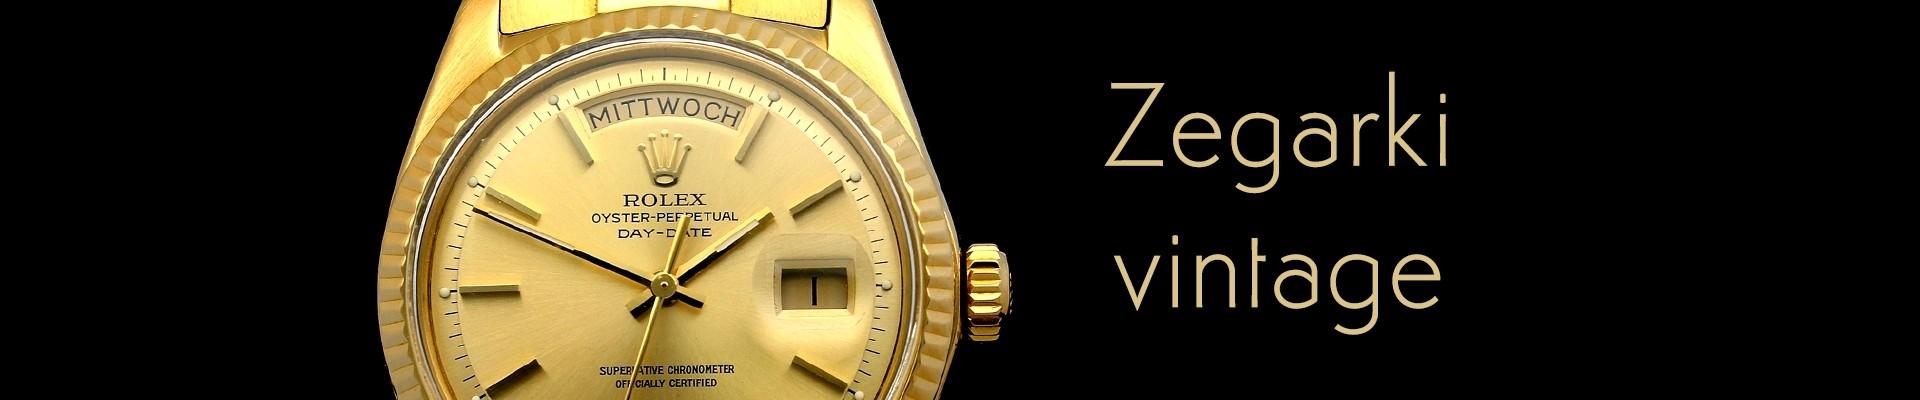 Zegarki Vintage